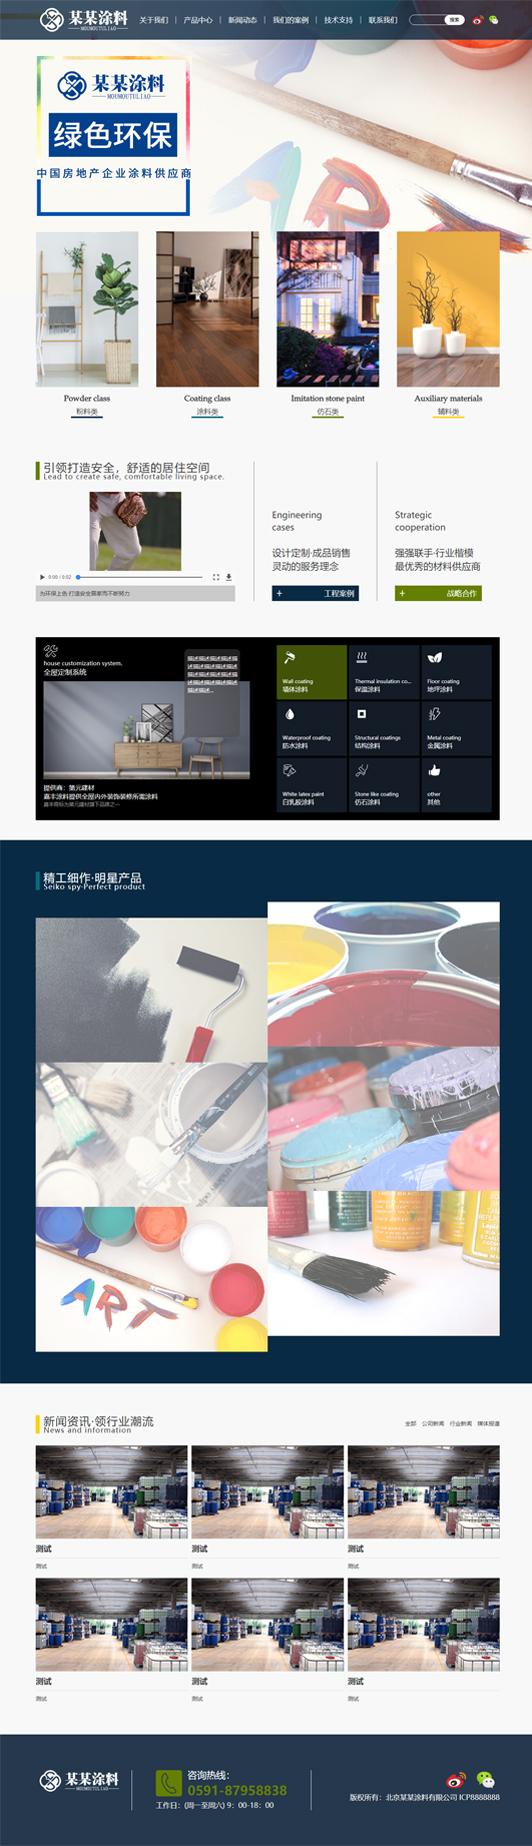 涂料公司网站响应式模板